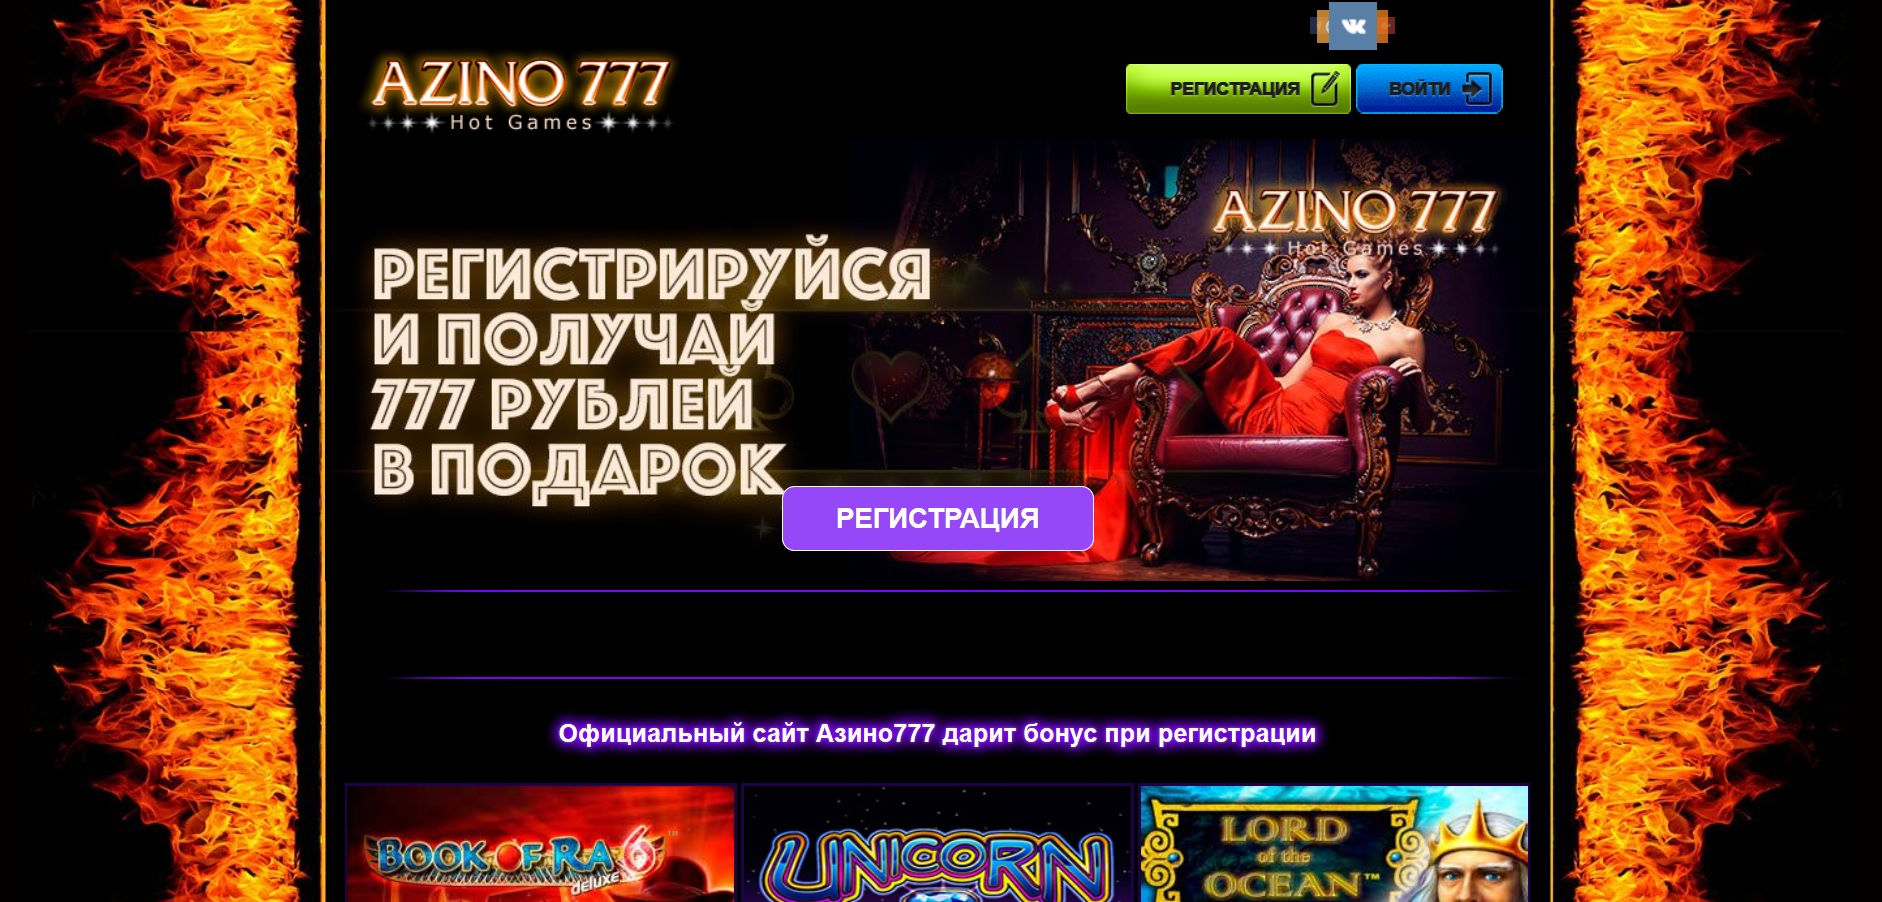 Вход и регистрация на официальном сайте